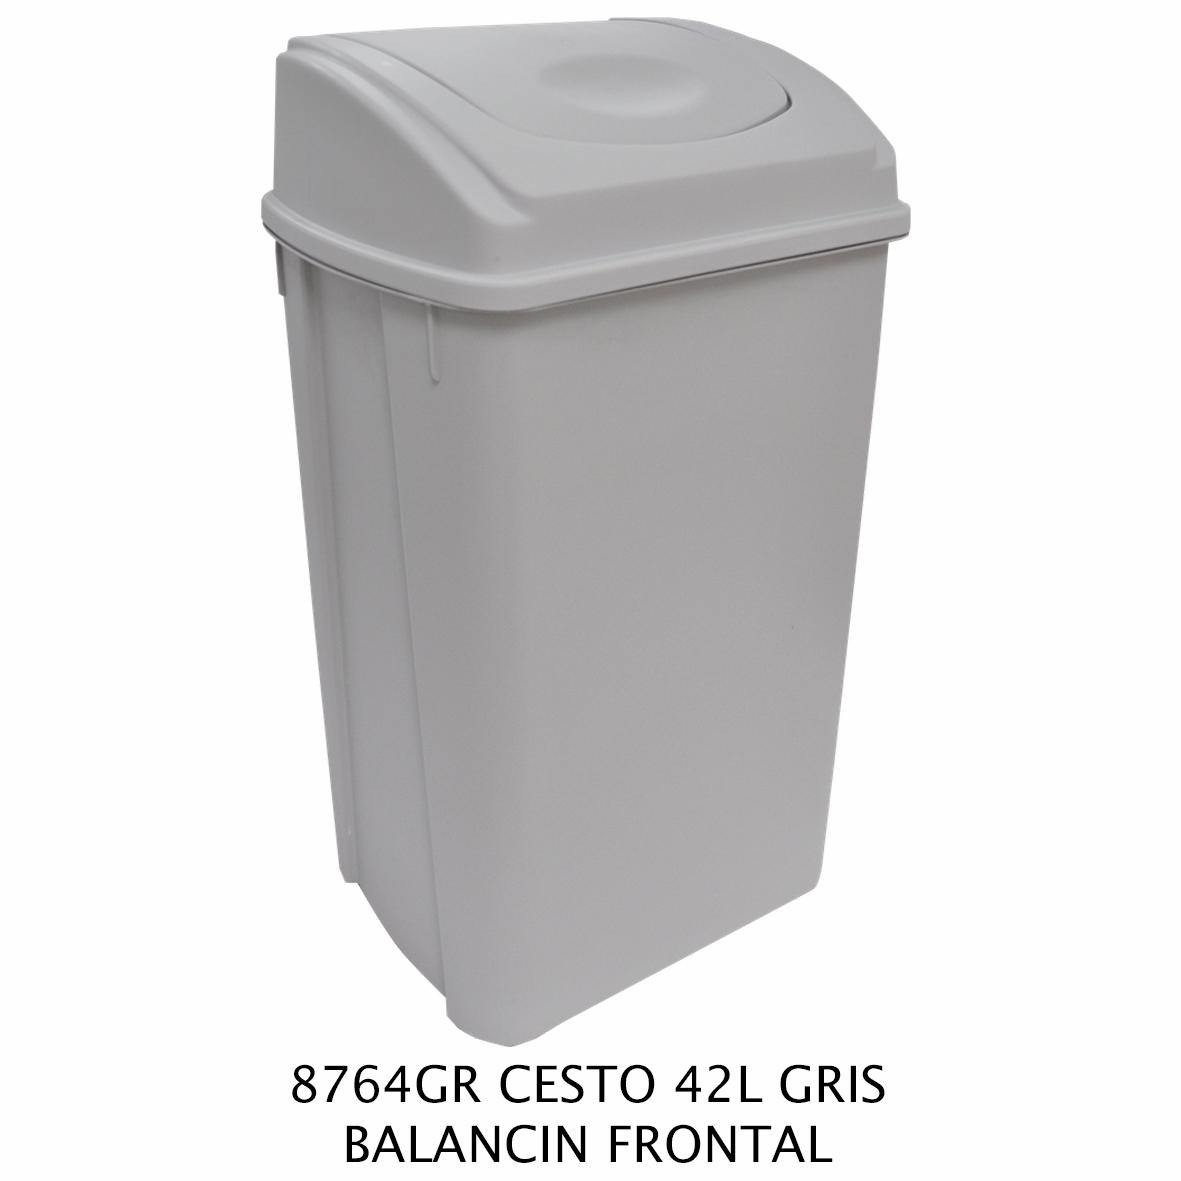 Bote de basura de 42 litros con balancín frontal color GRIS modelo 8764GR de Sablón